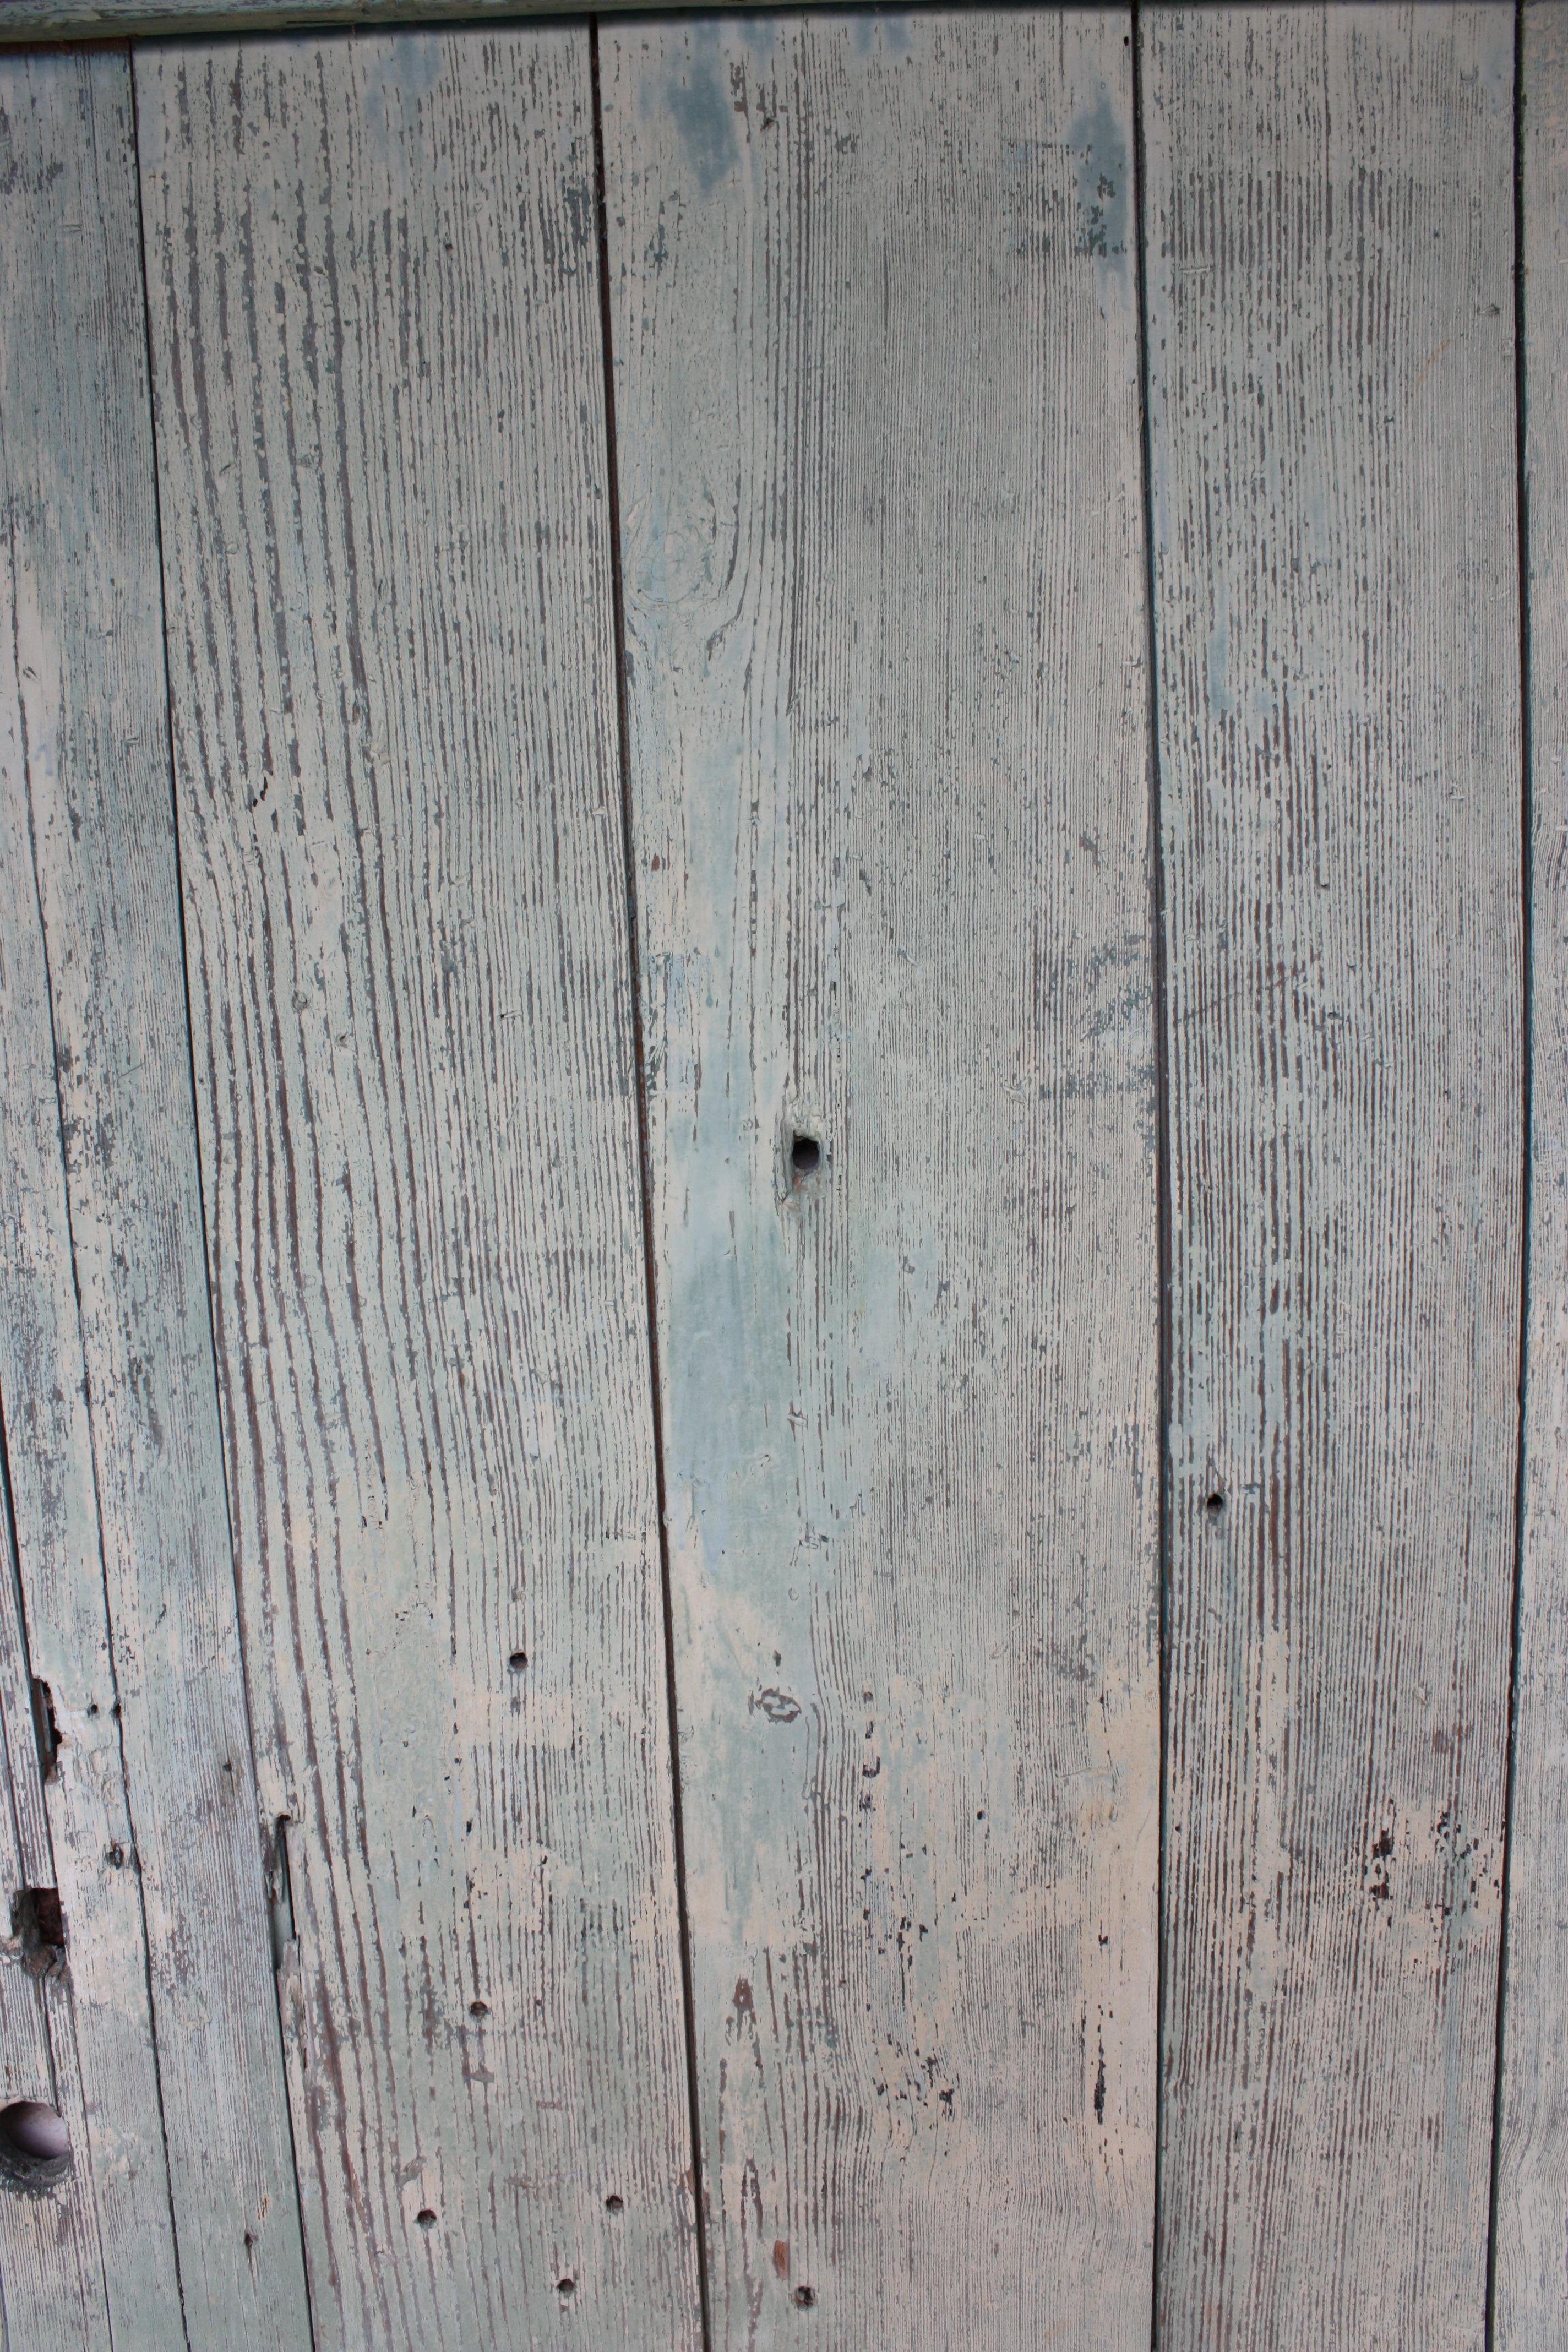 Fotos gratis : cerca, textura, tablón, piso, pared, azul, mueble ...